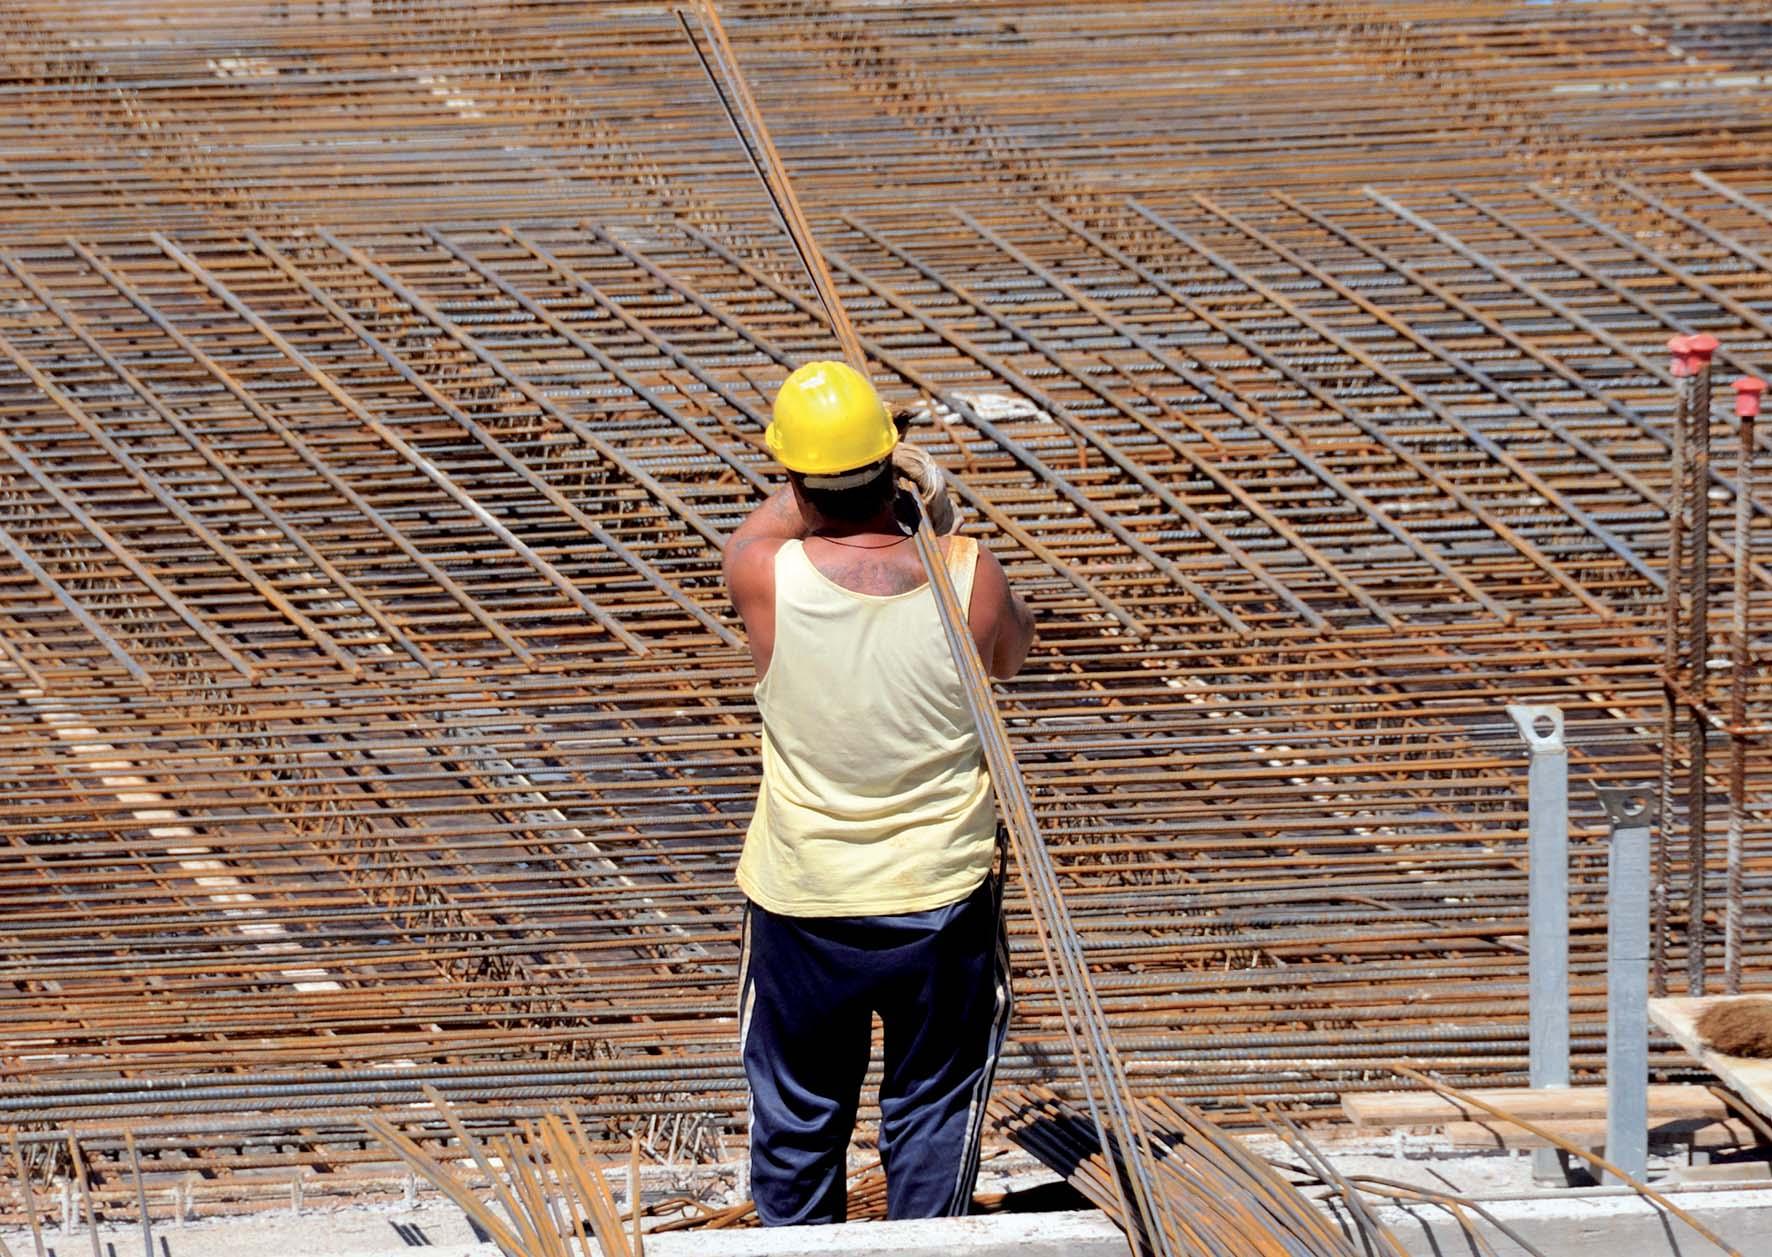 costruzioni cantiere edile università 7 preparazione armature cemento